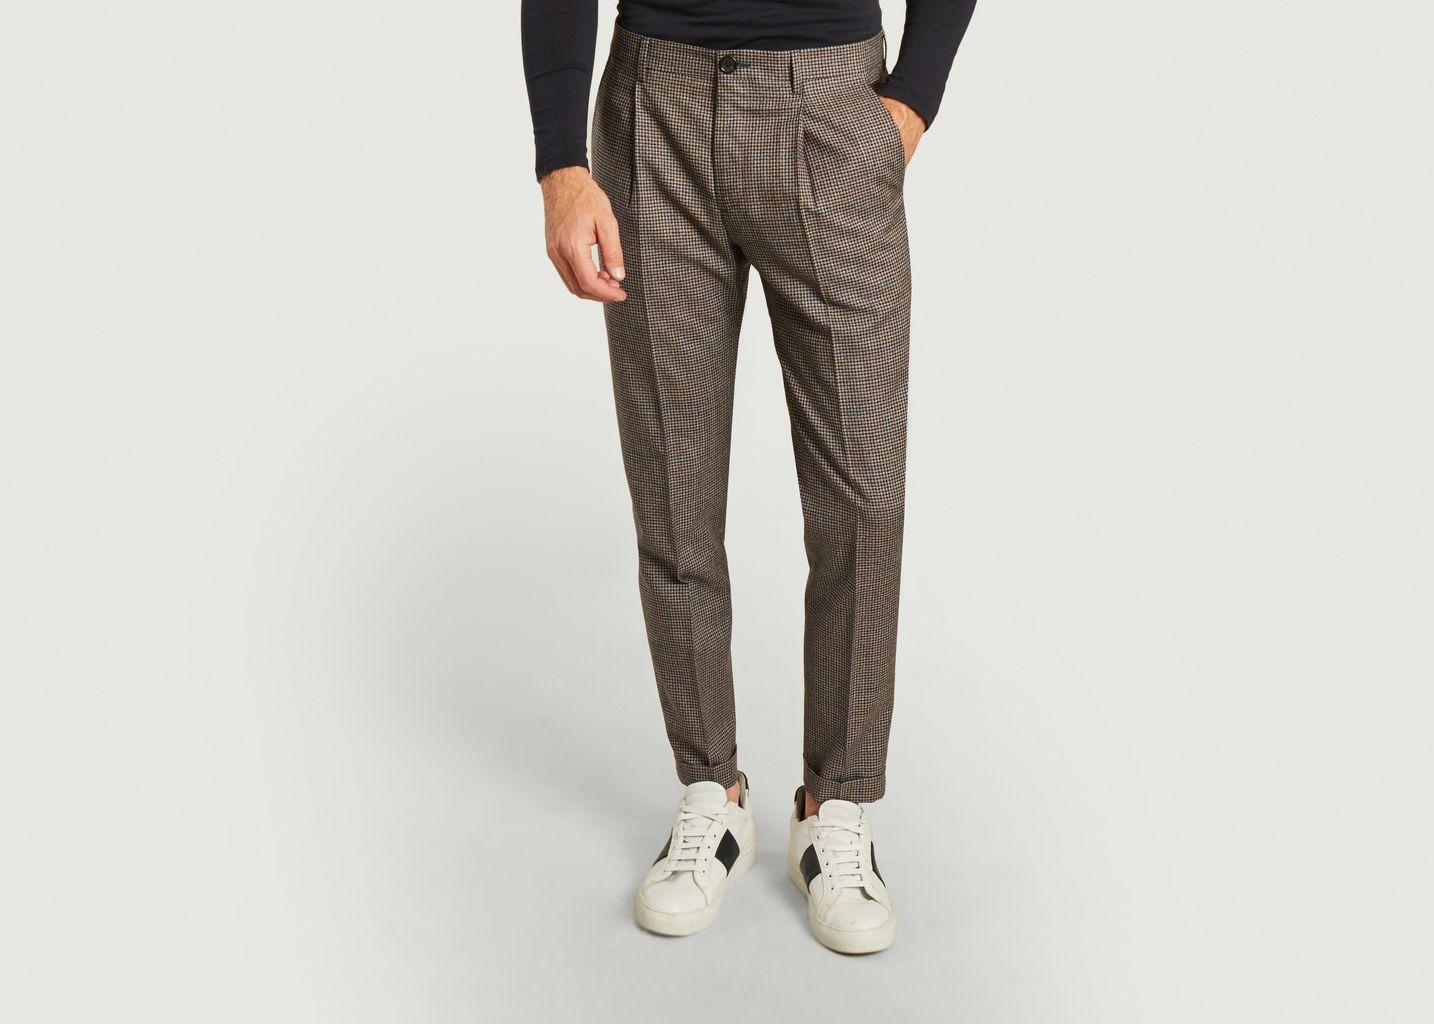 Pantalon à pinces en laine motif pied-de-poule - PS by PAUL SMITH